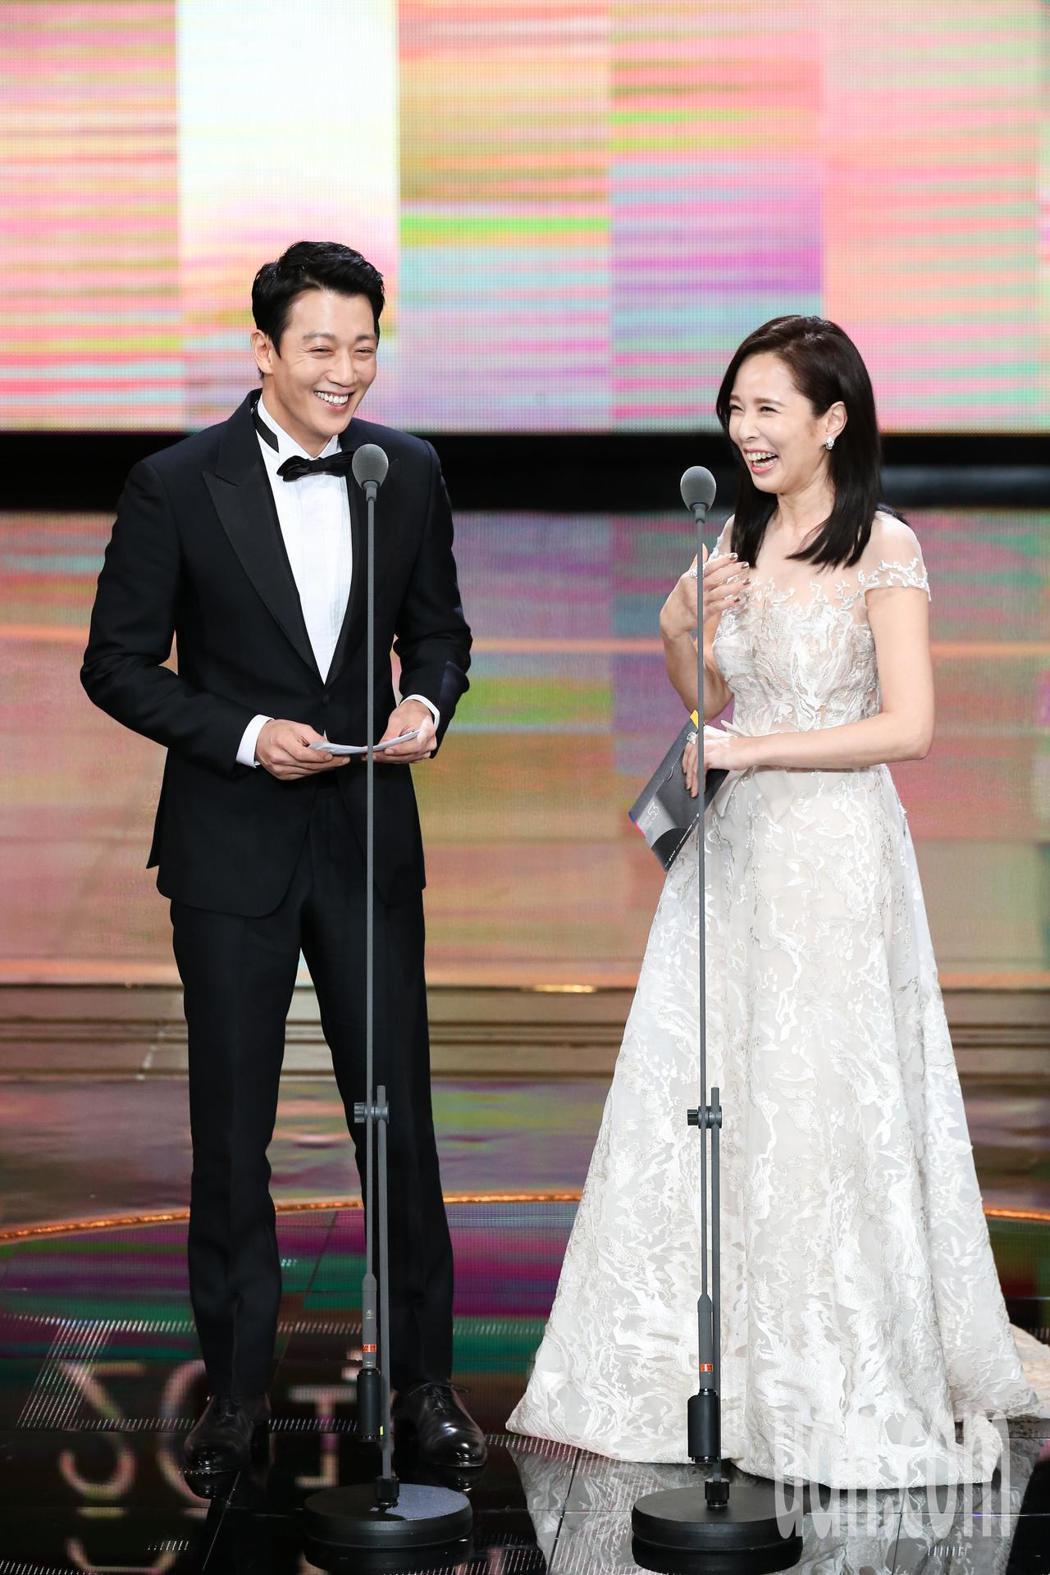 金來沅(左)與天心(右)擔任頒獎人。記者林澔一/攝影